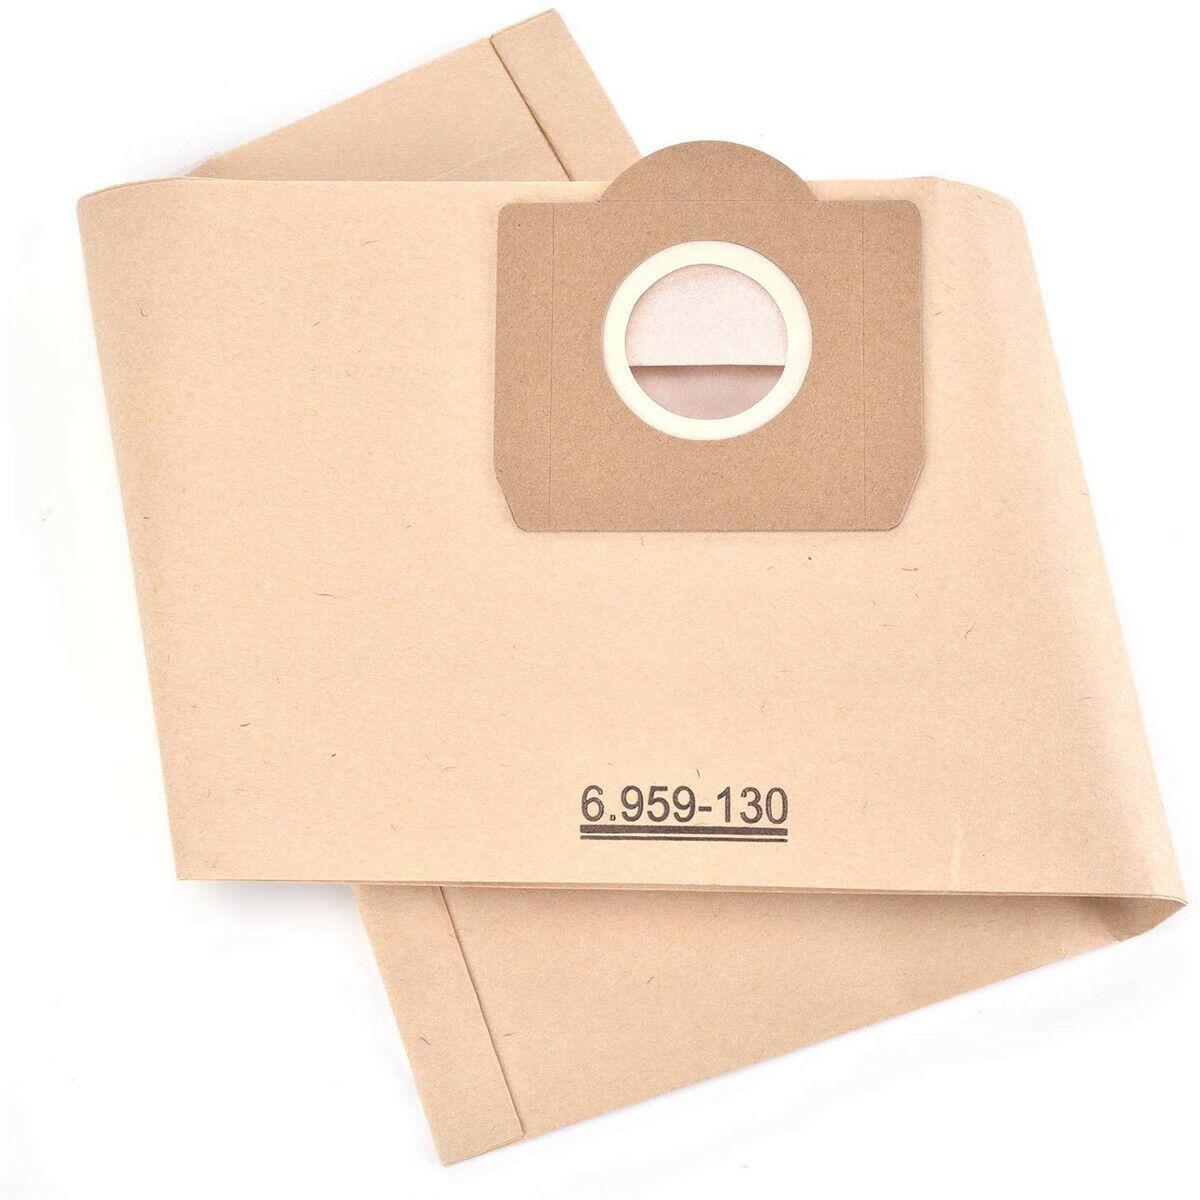 Staubsaugerbeutel für Karcher 6.959-130.0 6.904-322.0 Papiertüten Filter MV4 MV3 10